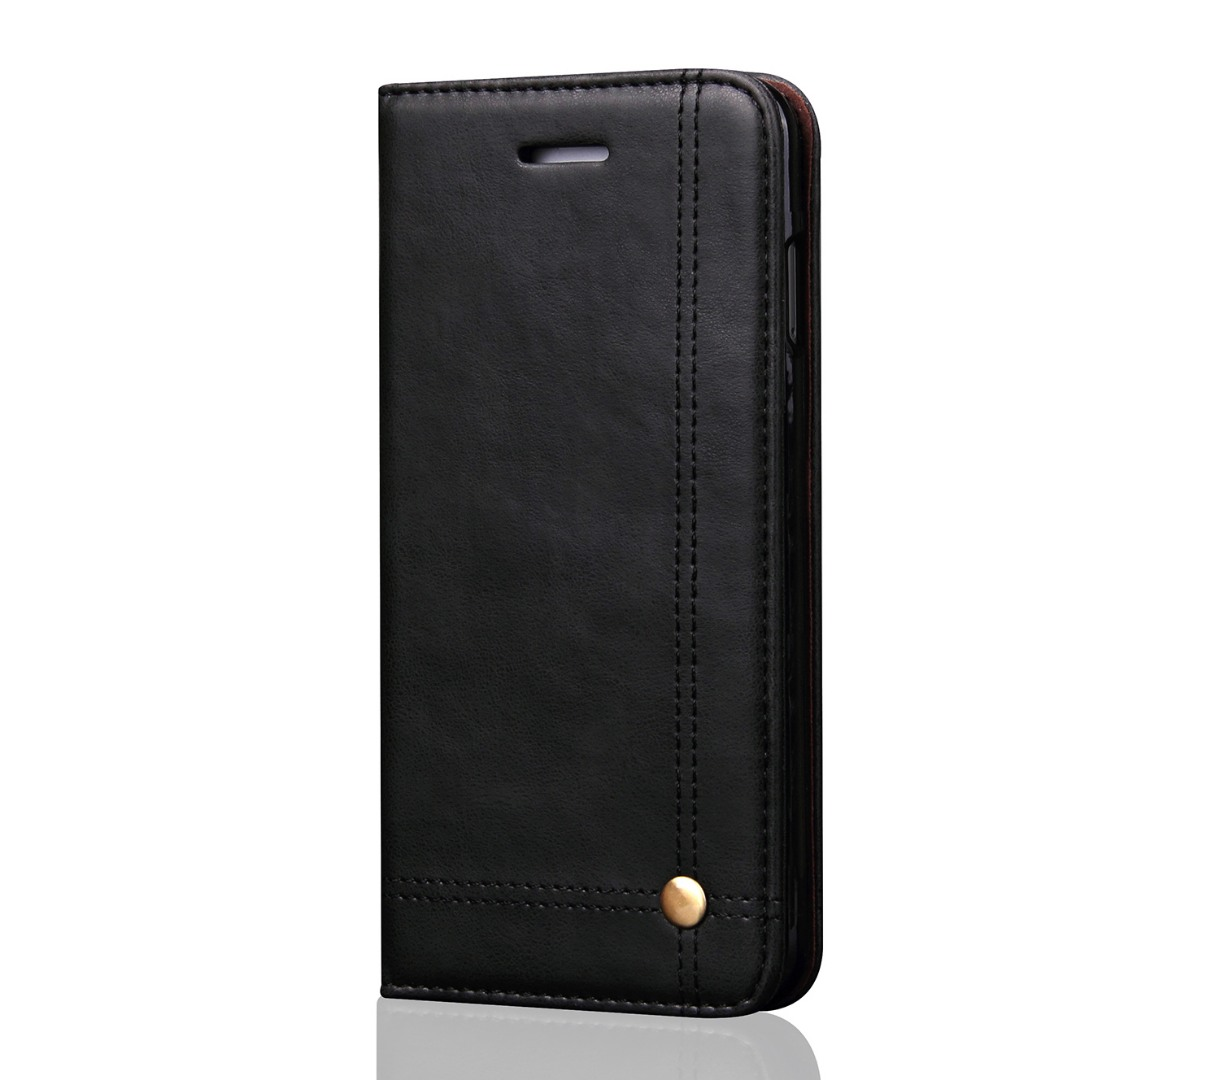 Husa piele, tip portofel, cusaturi ornamentale, stand, inchidere magnetica, iPhone SE 2 (2020), iPhone 8, iPhone 7 - CaseMe, Negru